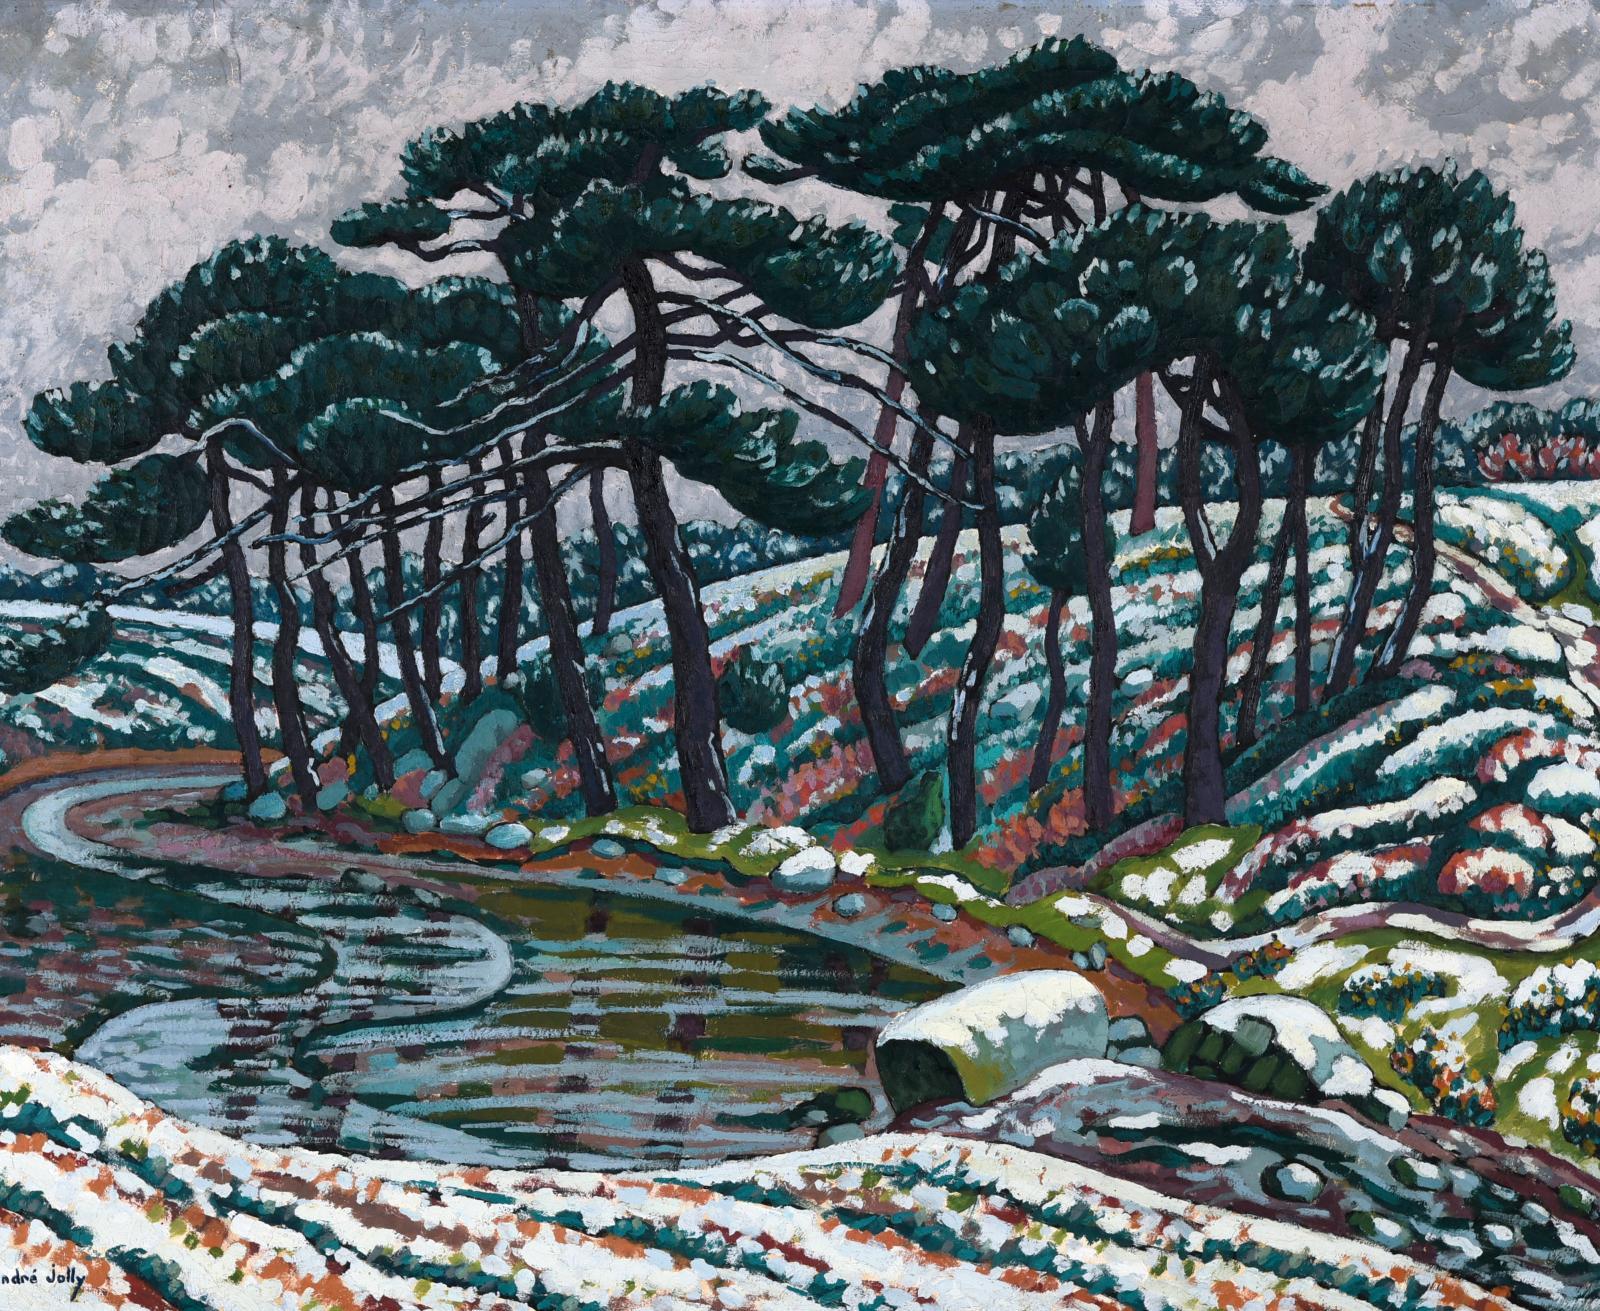 L'œuvre d'André Jolly (1882-1969) a été présentée au muséede Pont-Aven de mars à juin 2005. Sous le numéro34, on pouvait découvrir cette toile hivern